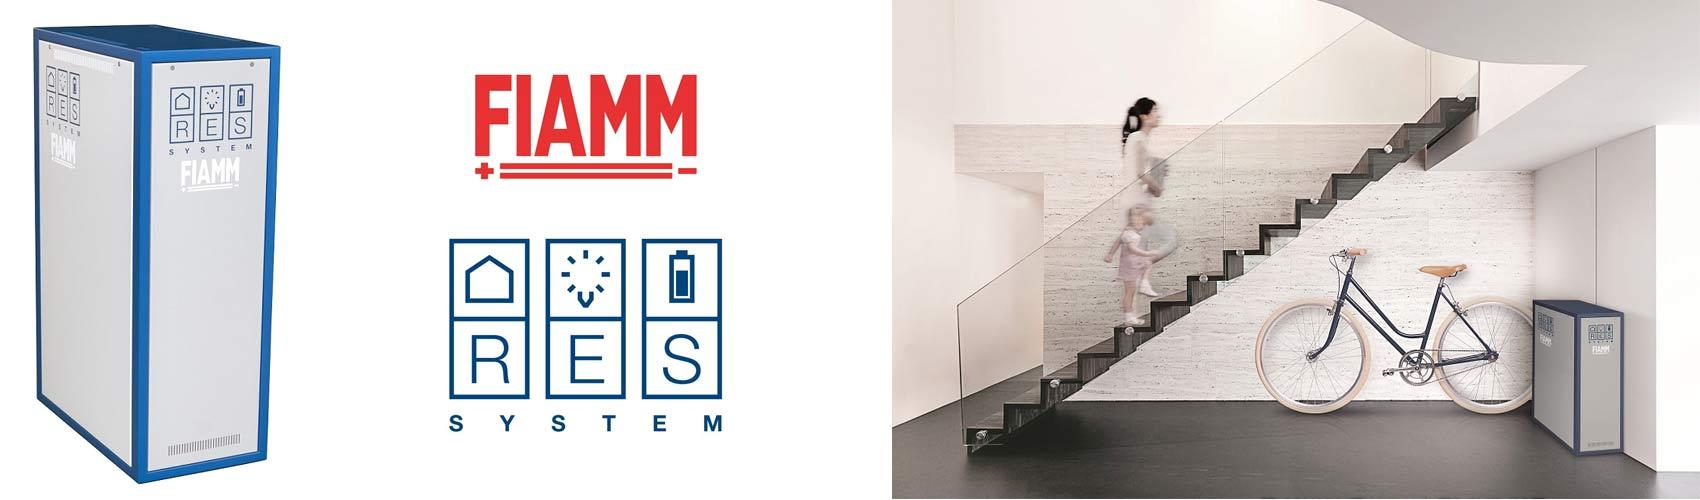 fiamm-3-16maggio-new